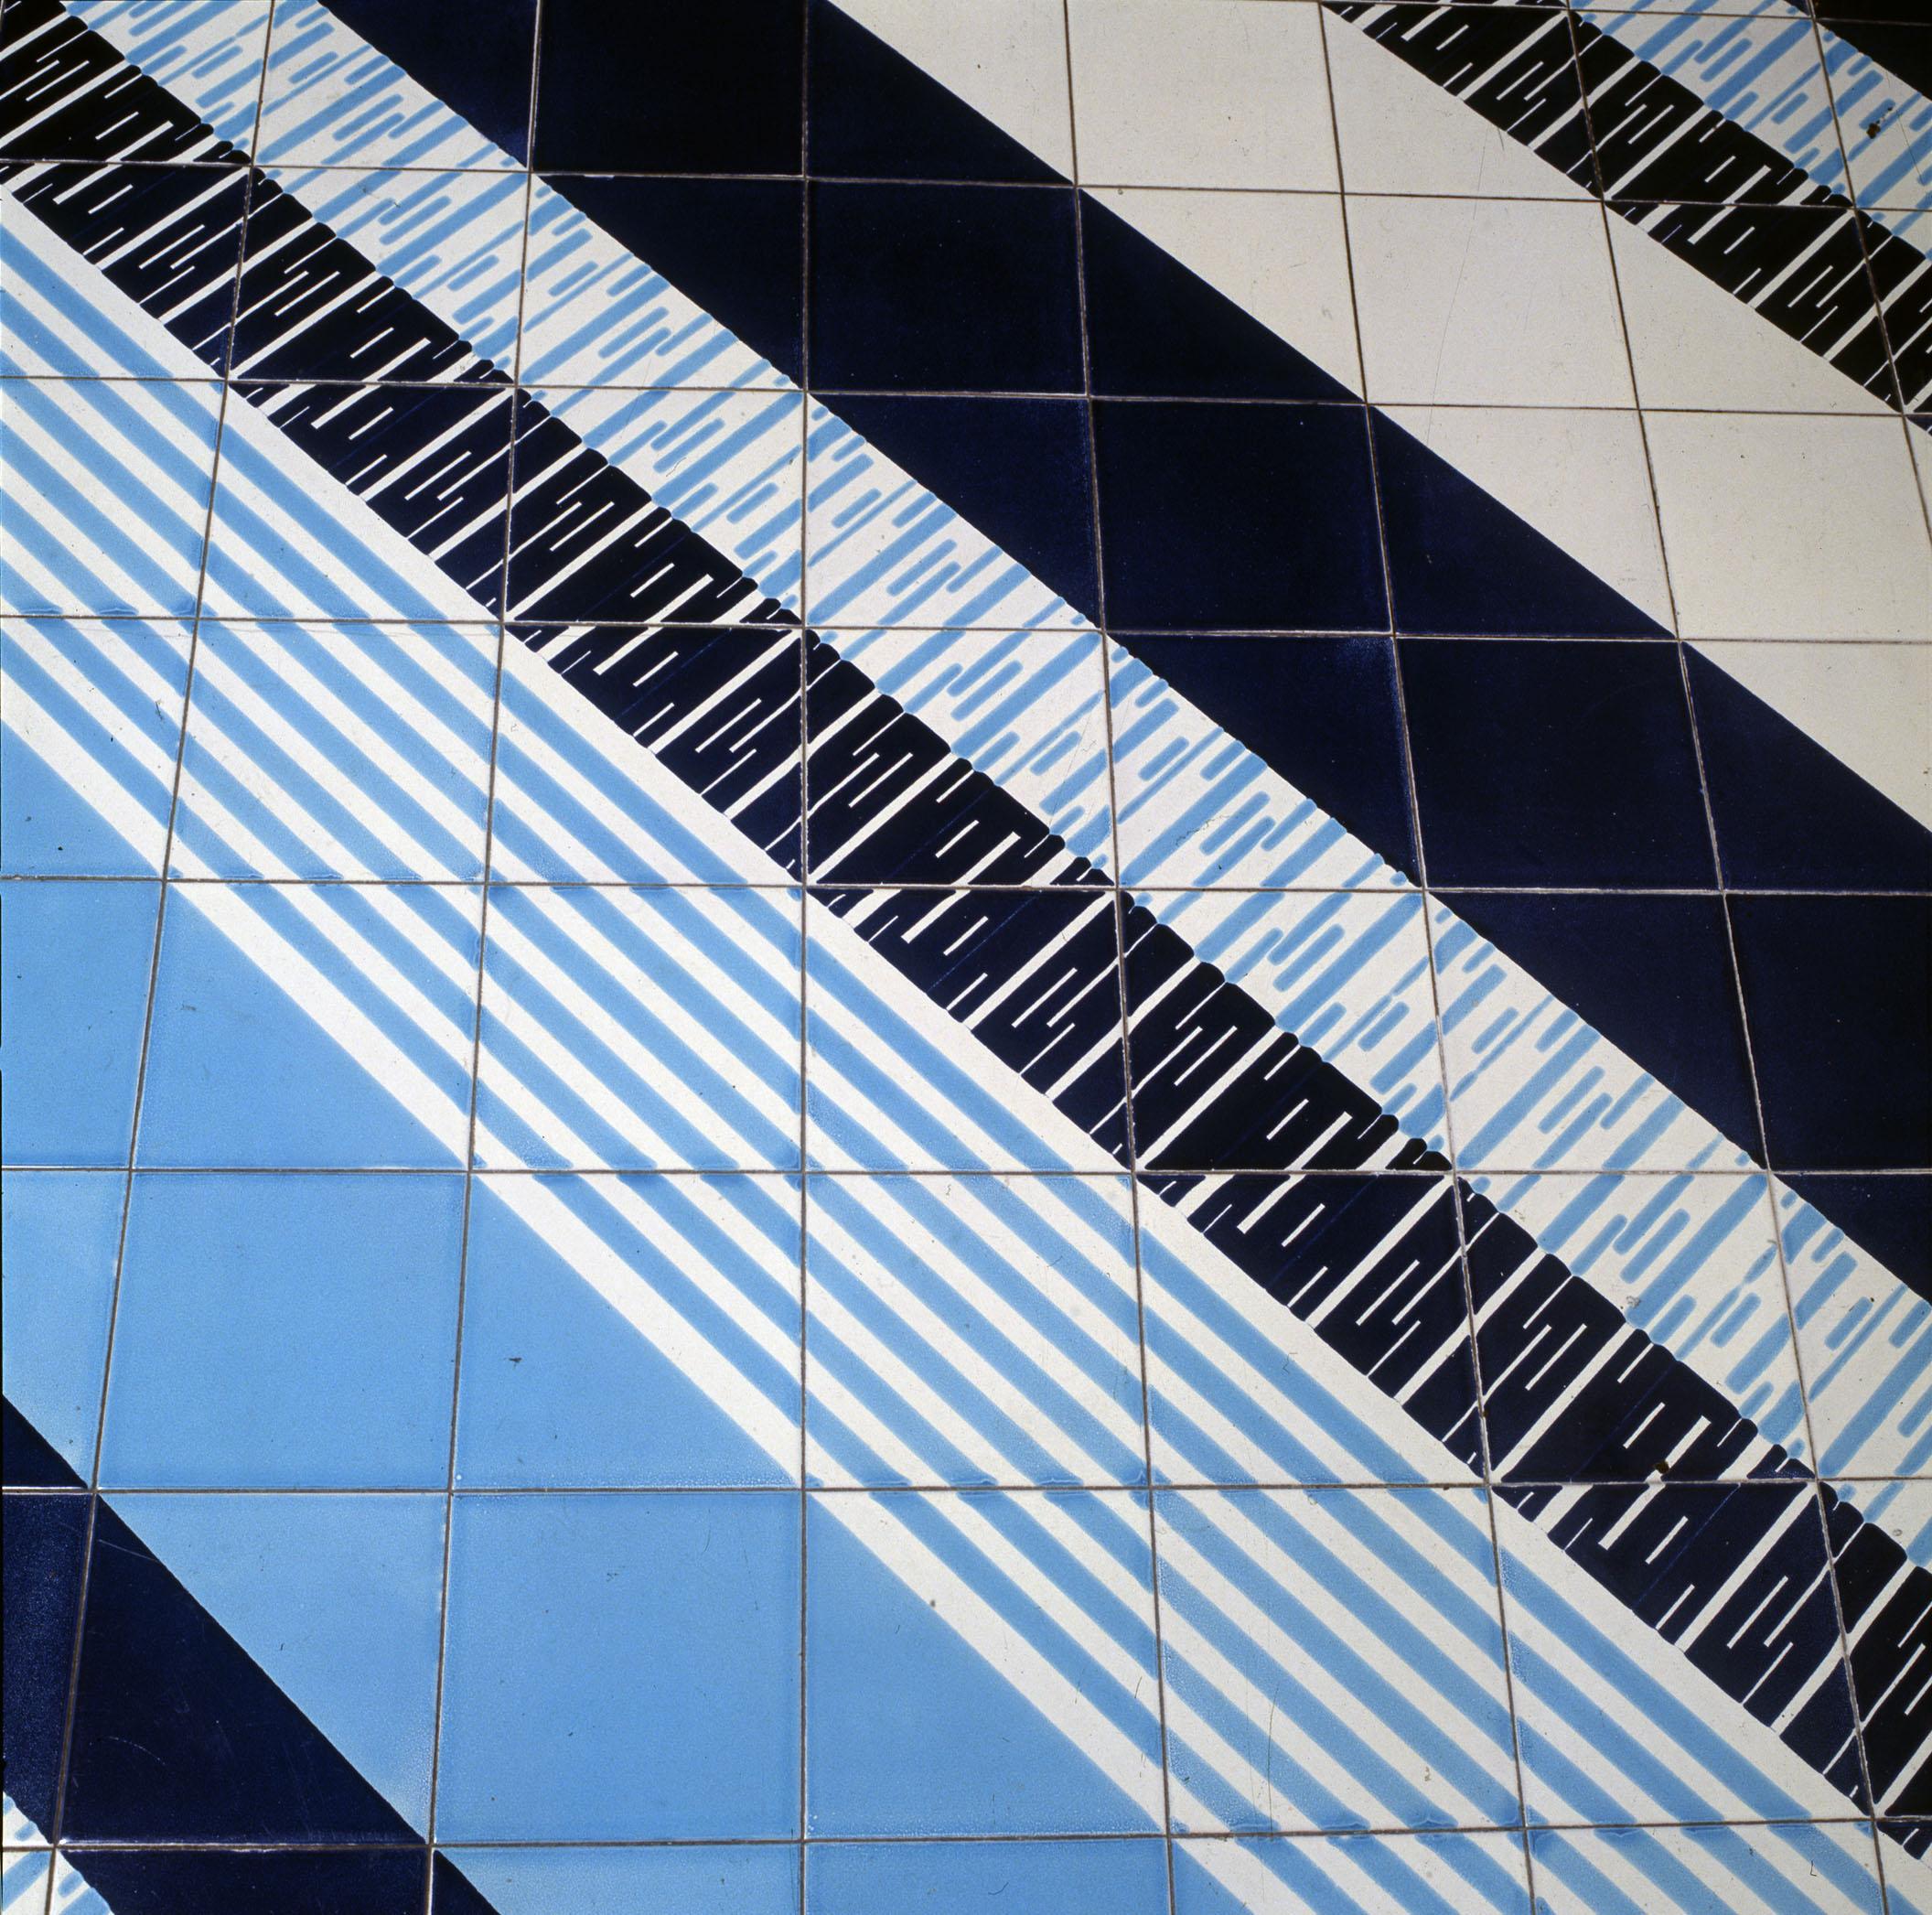 Gio ponti dipingere con le mattonelle oggetti - Piastrelle gio ponti ...